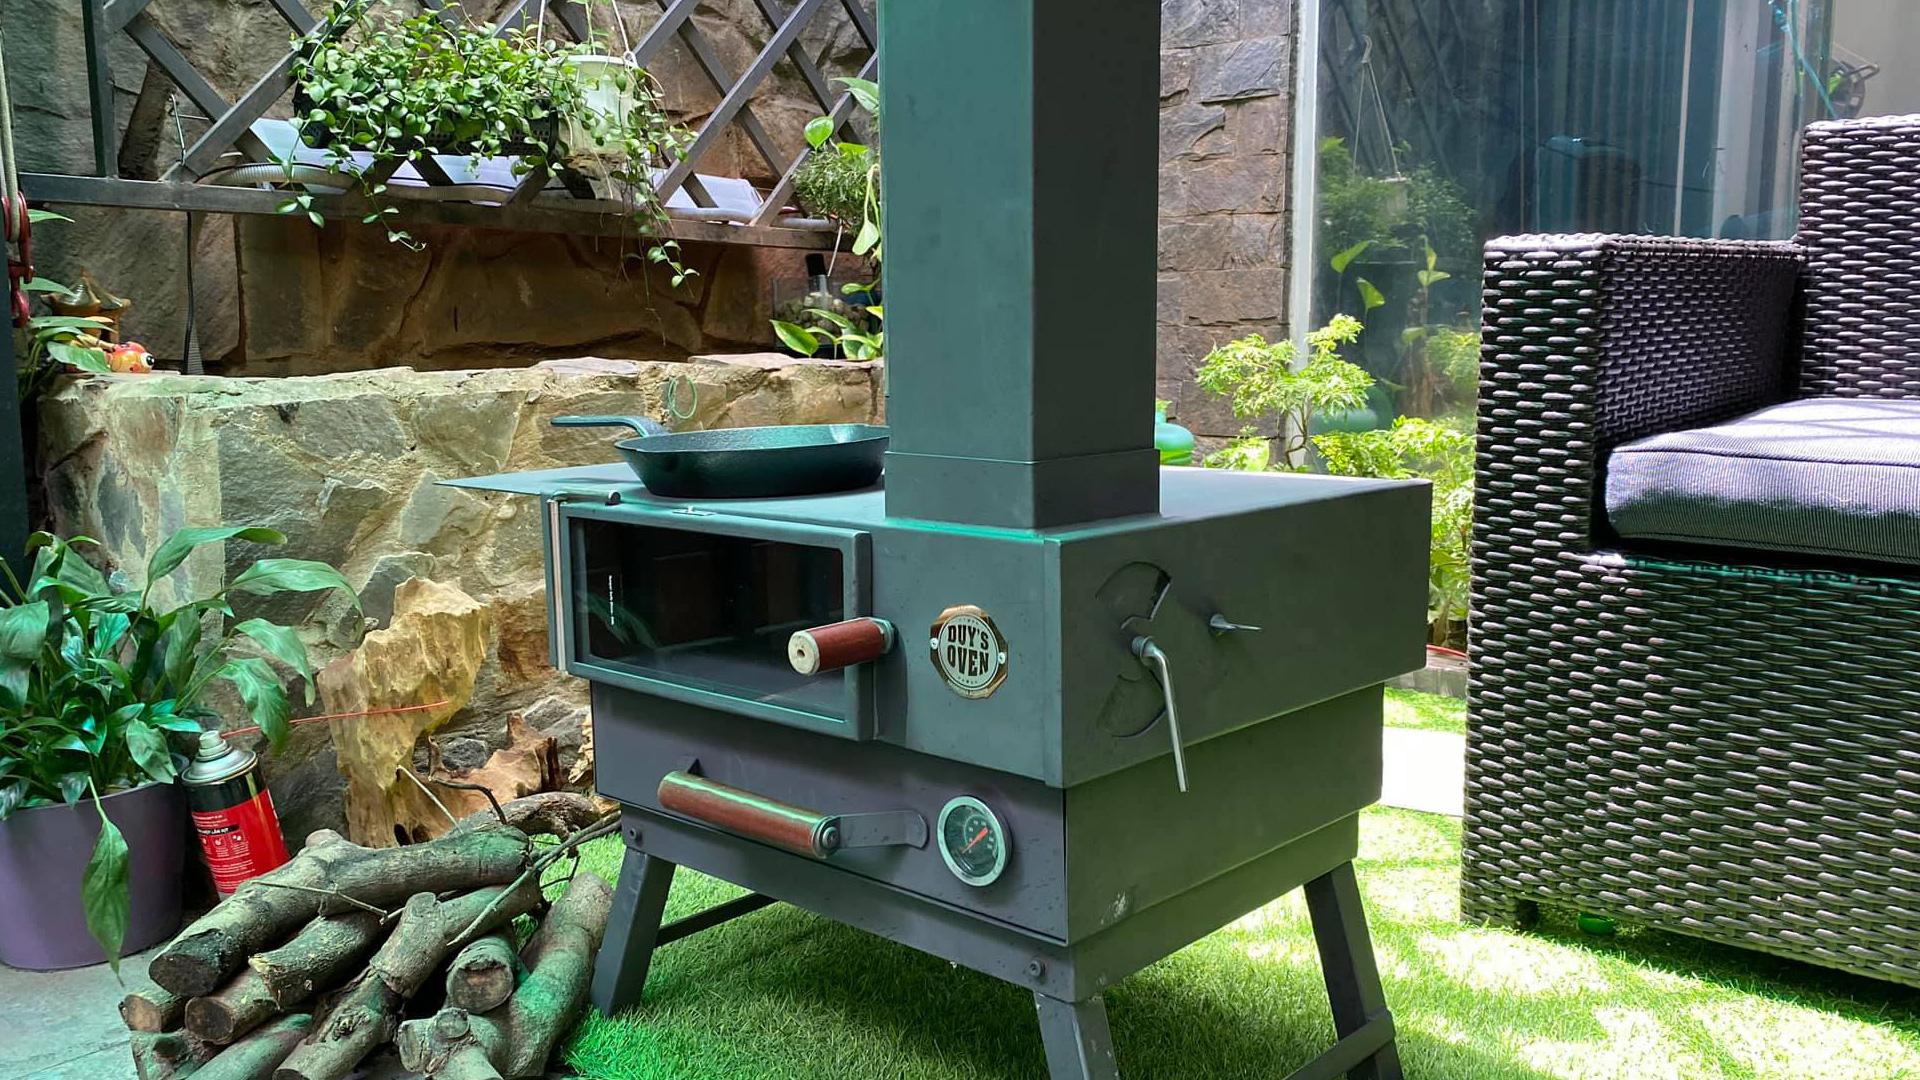 Lò Stove Oven